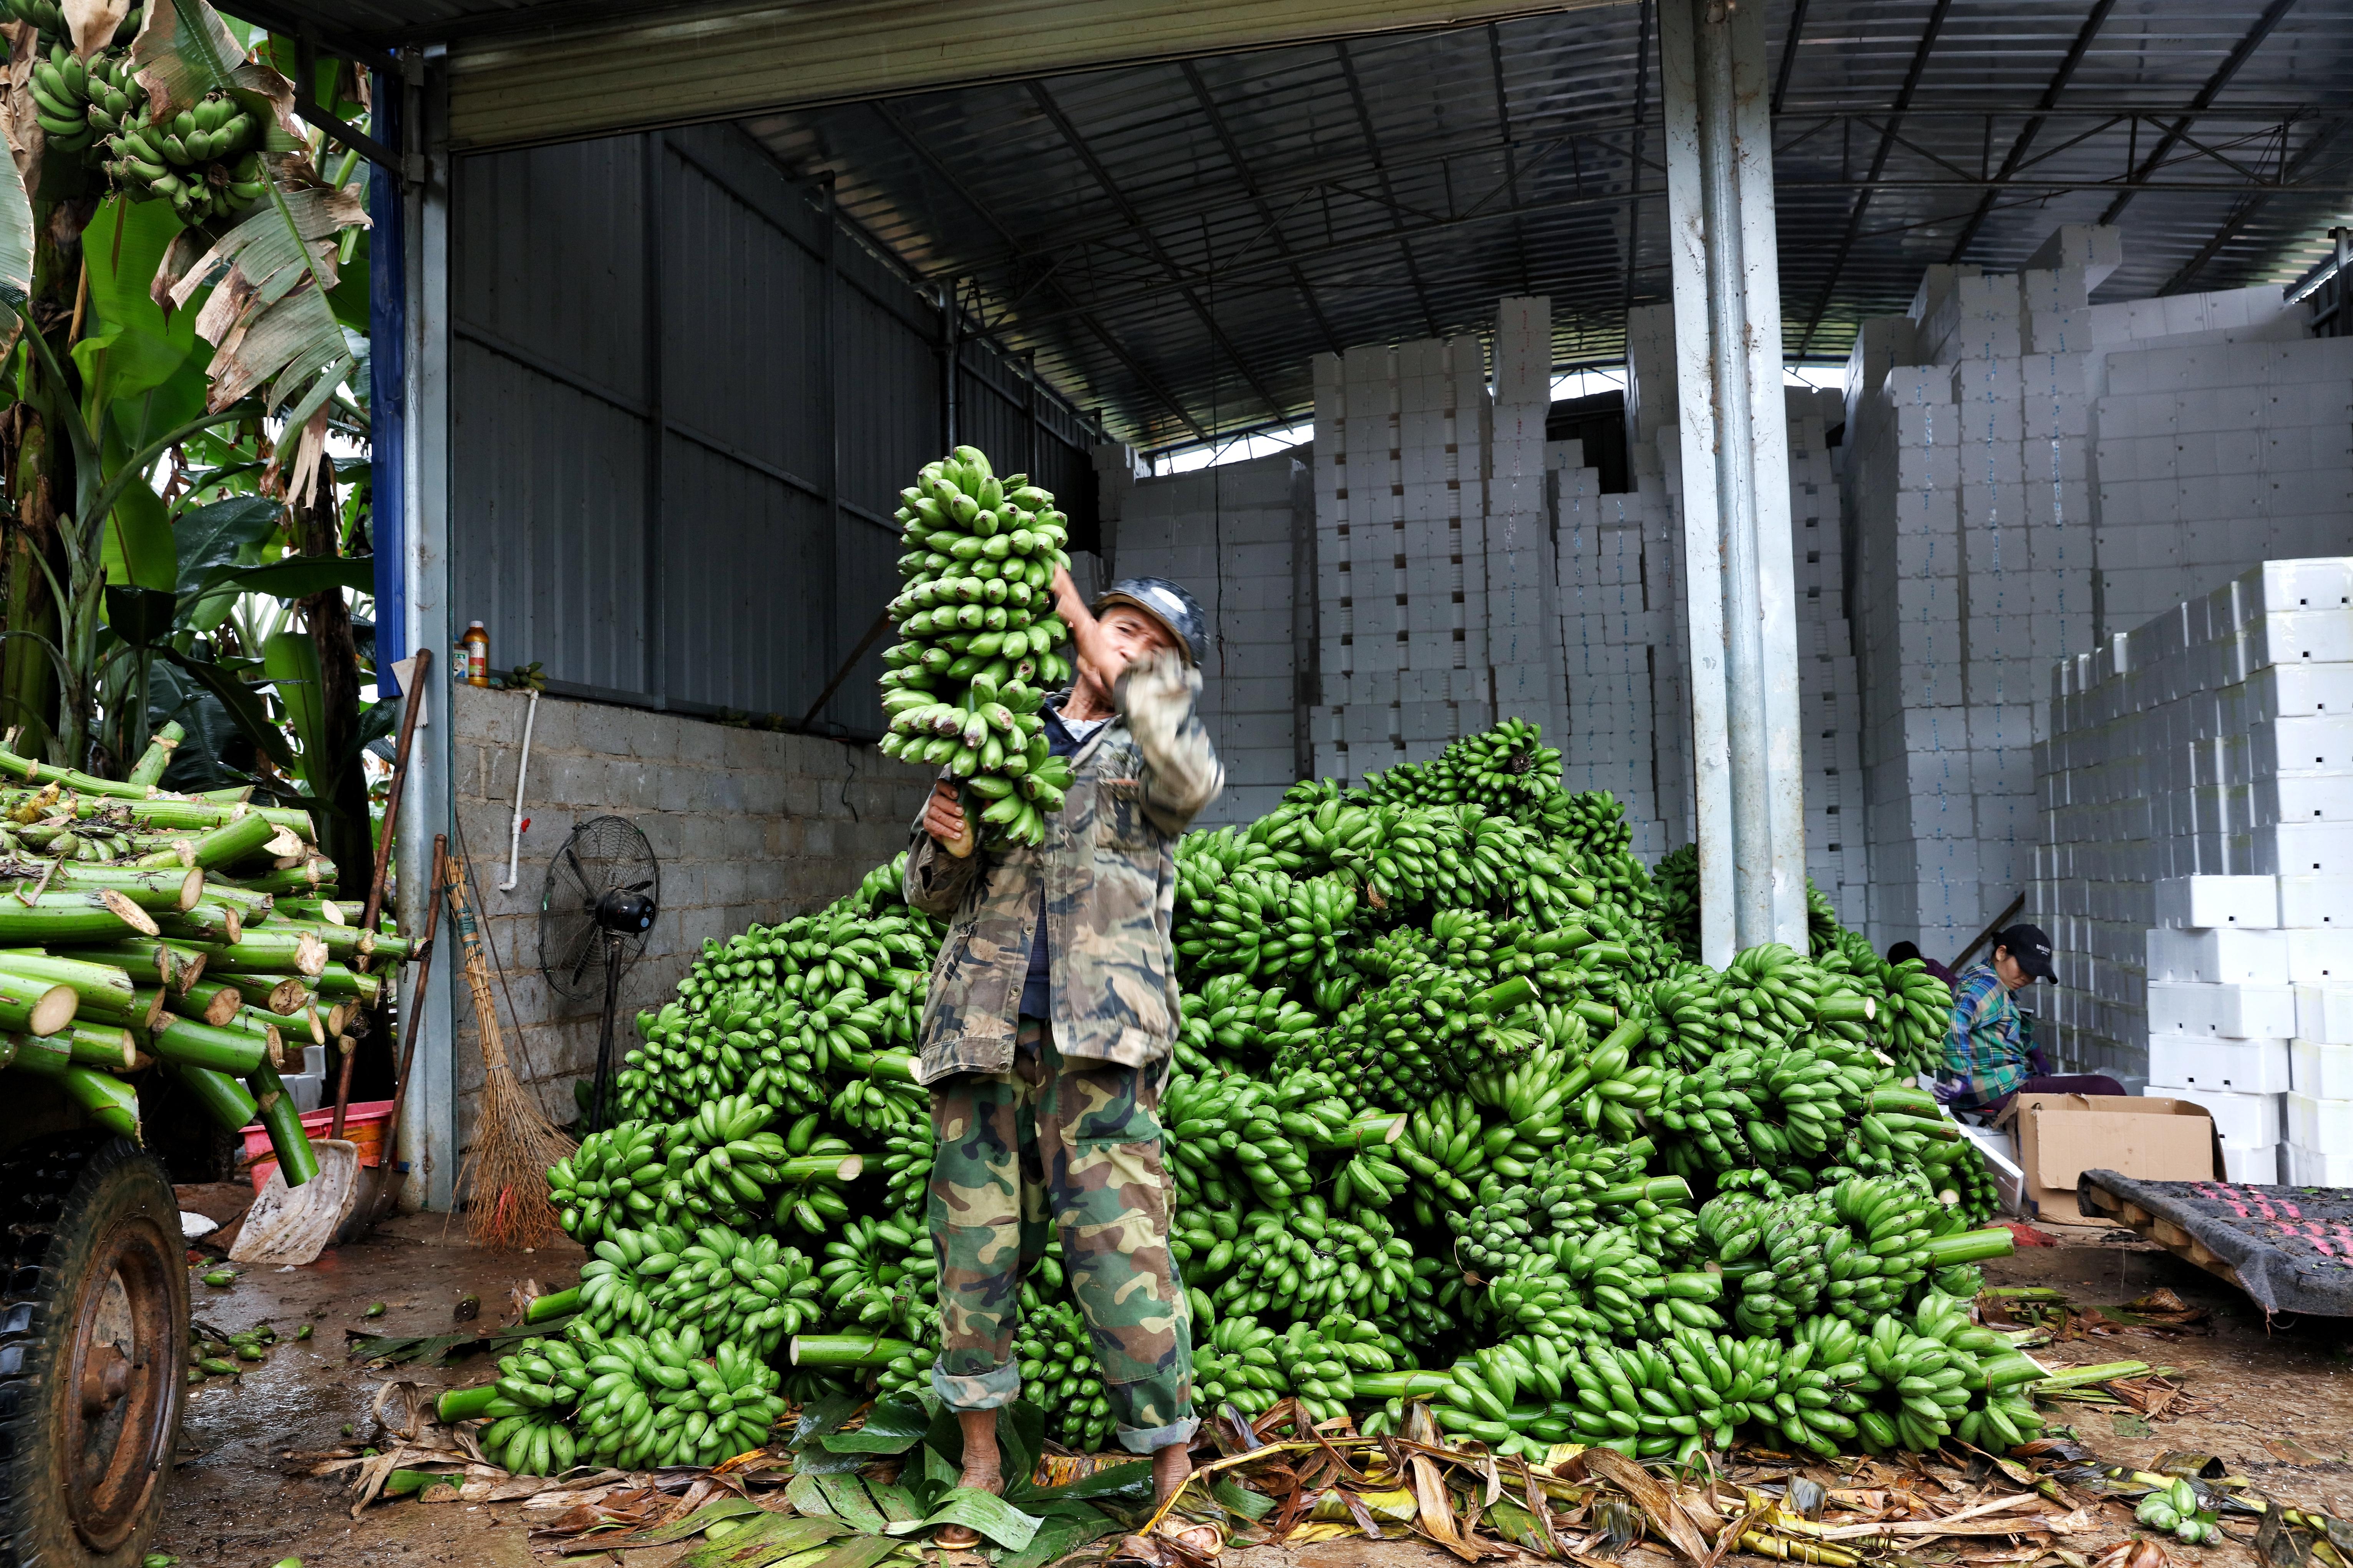 广西小米蕉发展成为大产业:收购价3年翻3倍,农户年收入20万